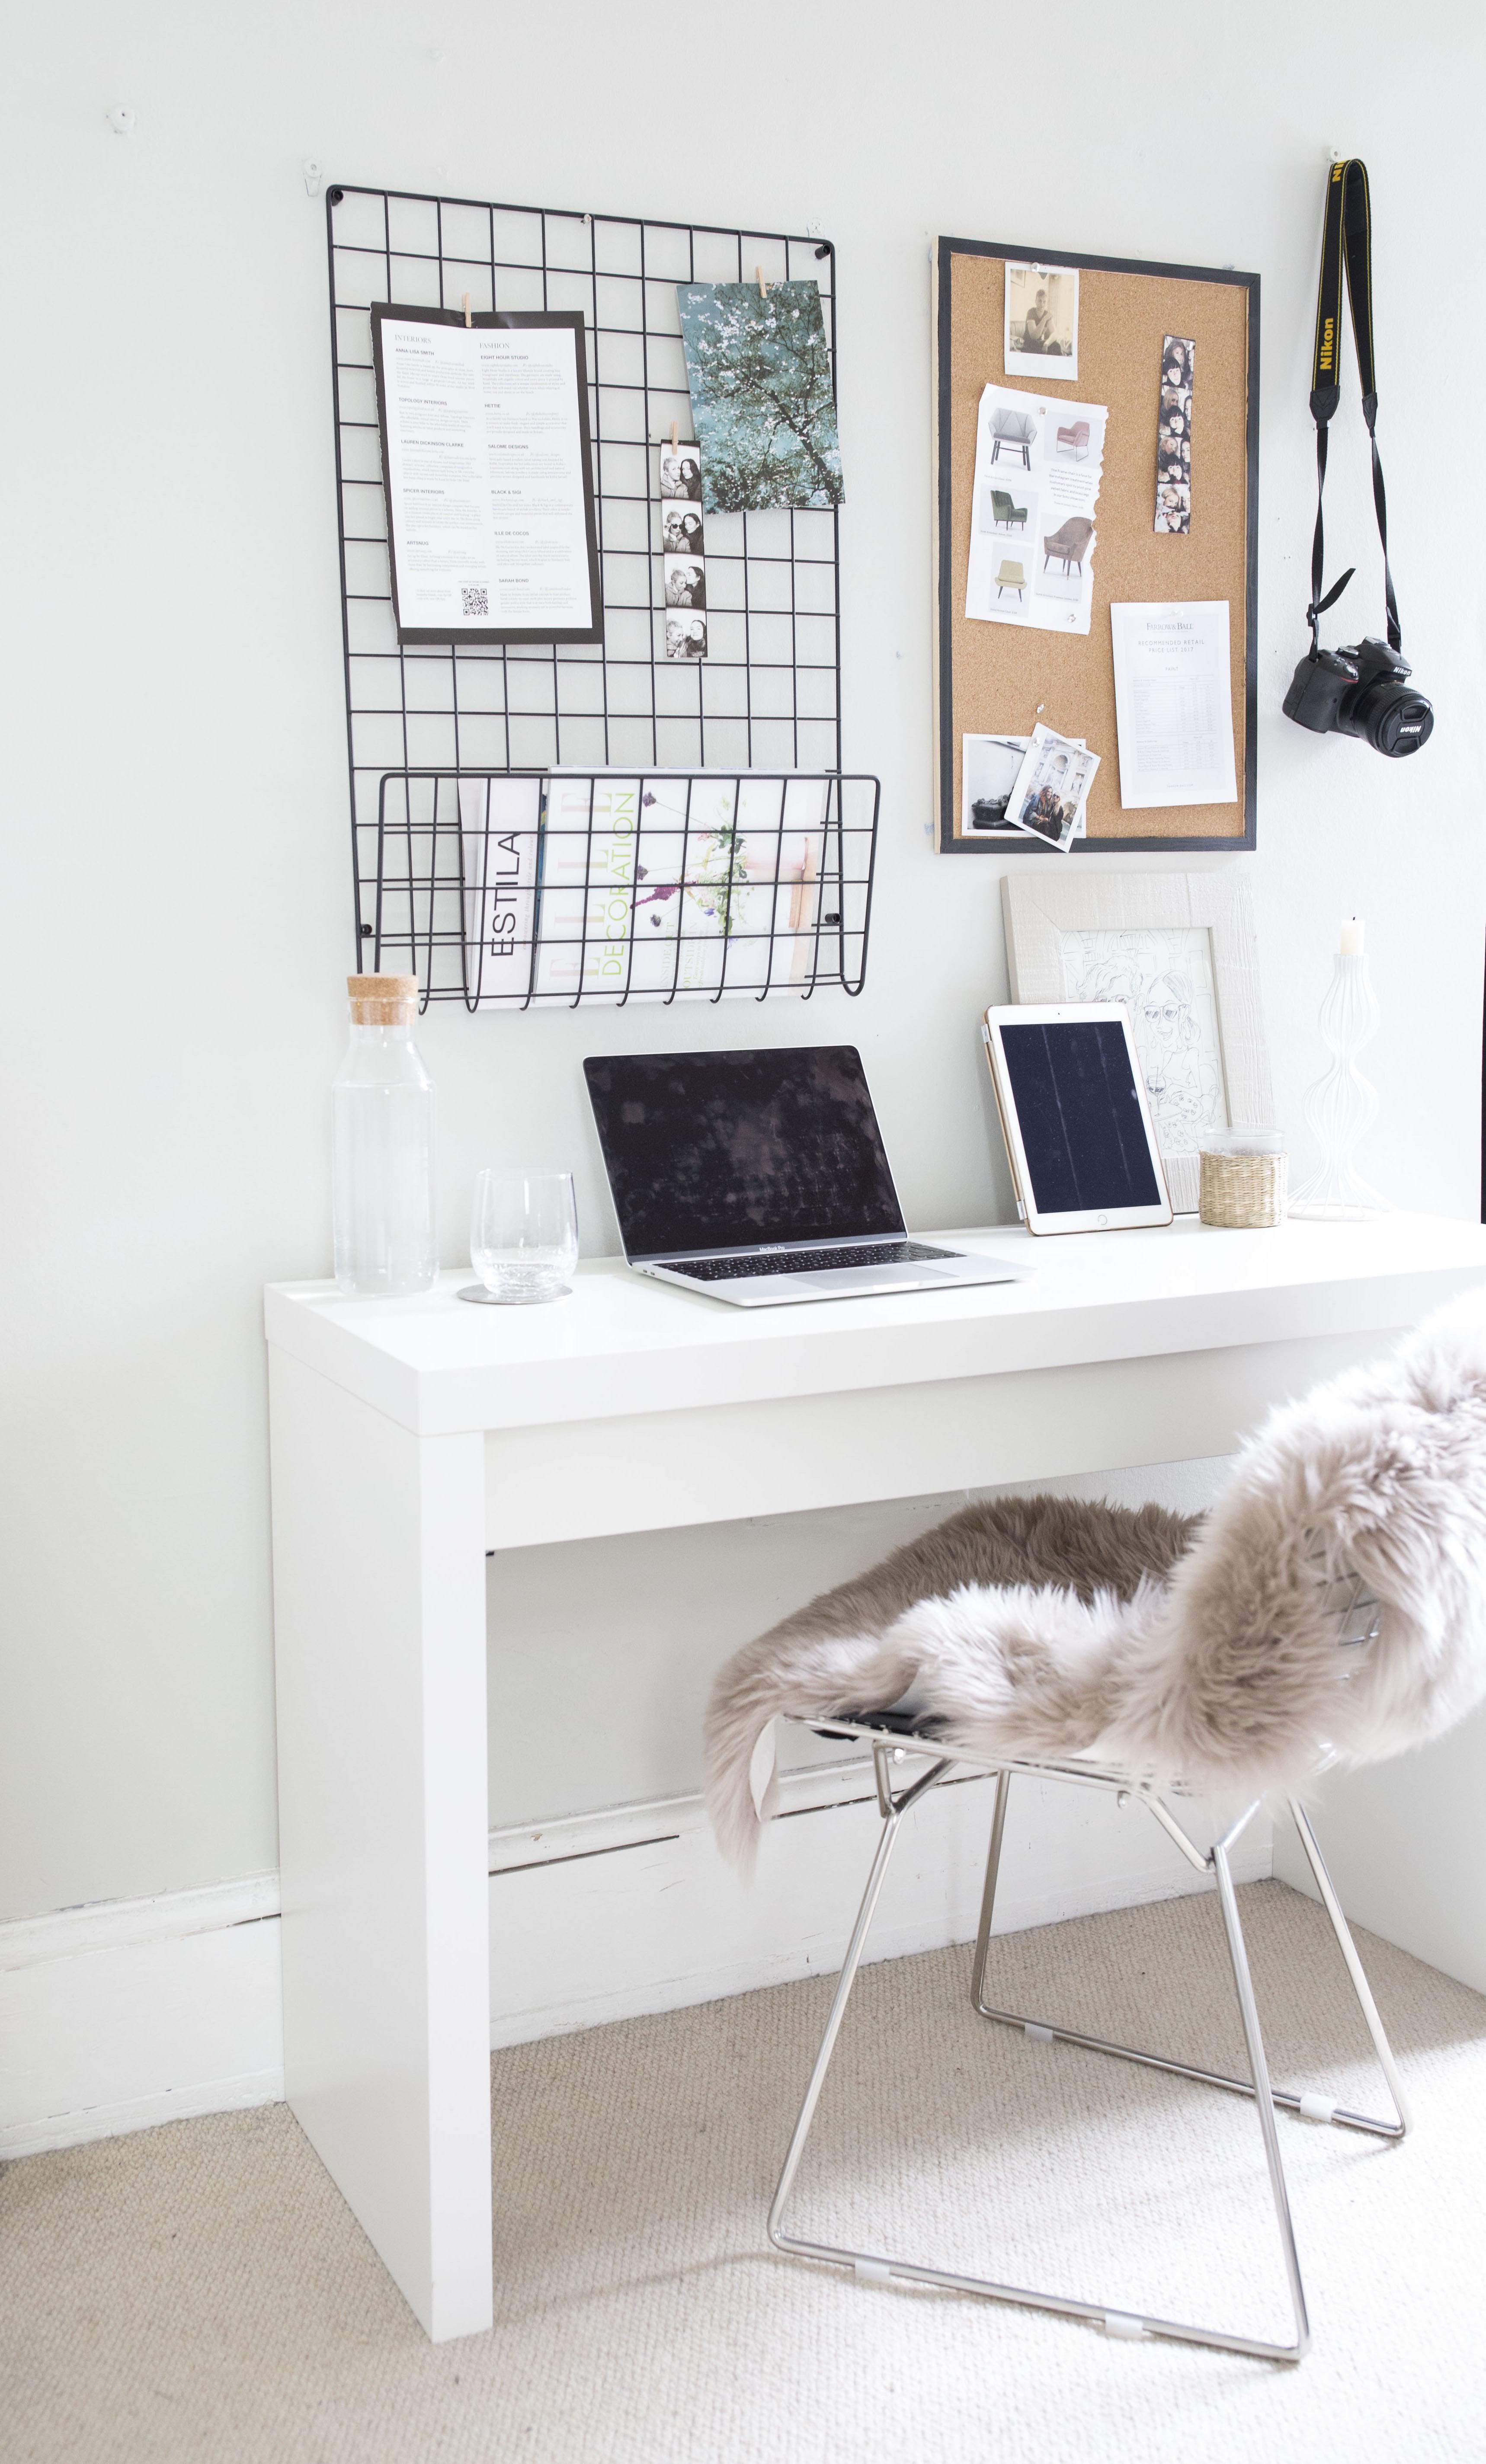 accessorize decor design blackband desk